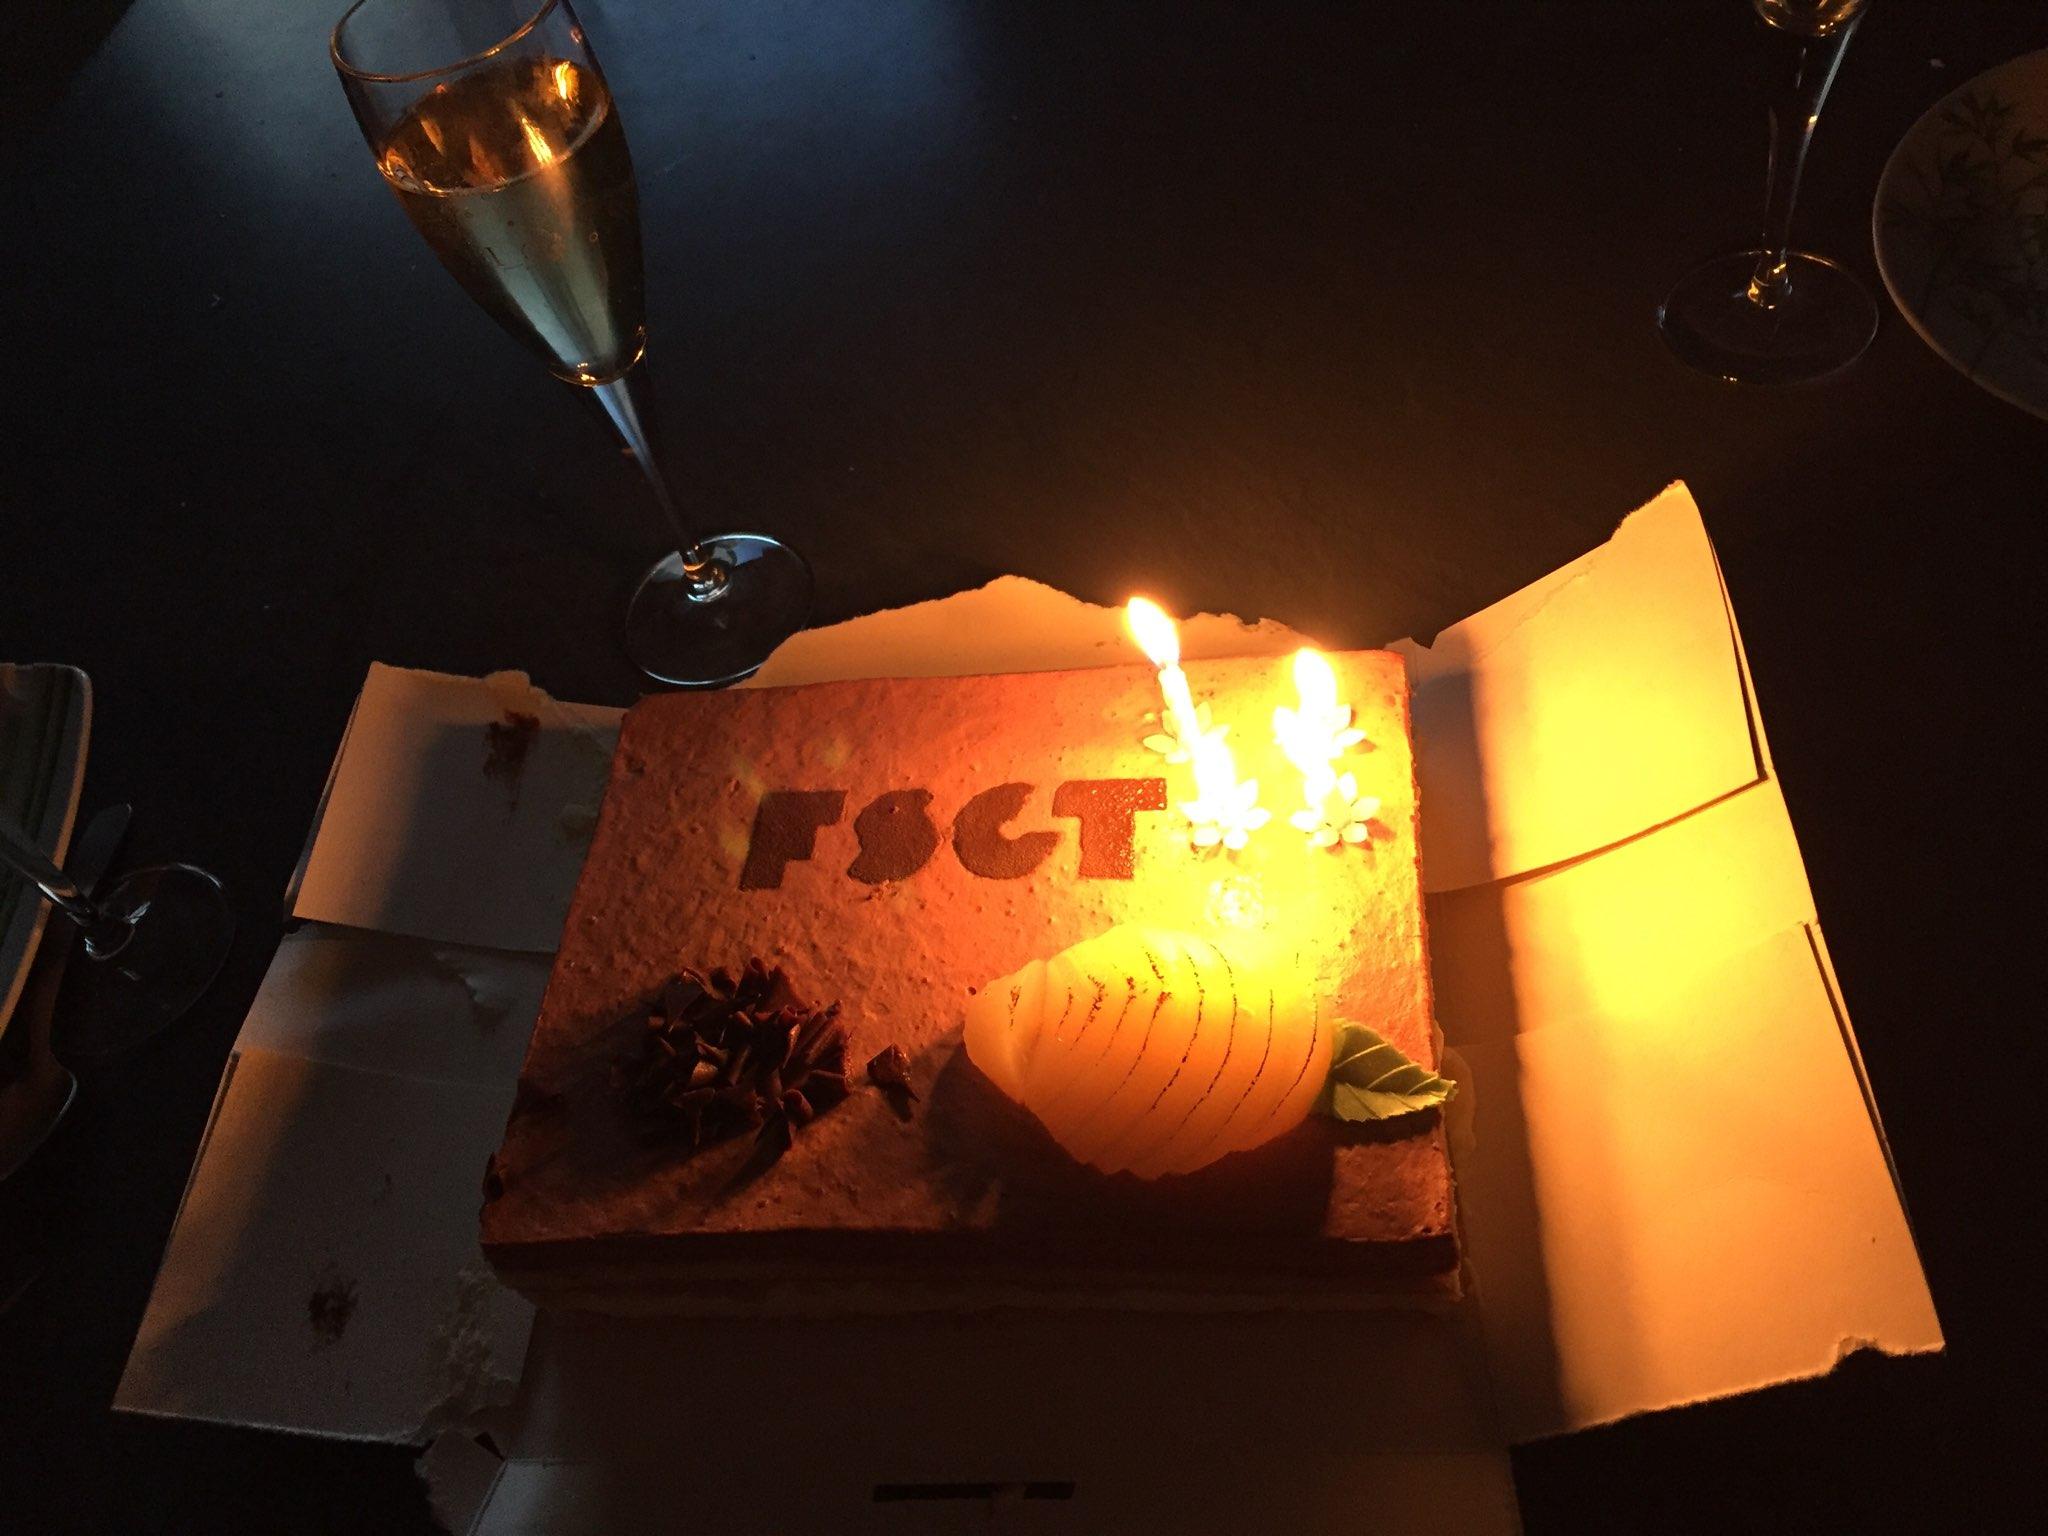 Plus tard dans la soirée, Titi savoure un gâteau bien spécial pour son anniversaire***